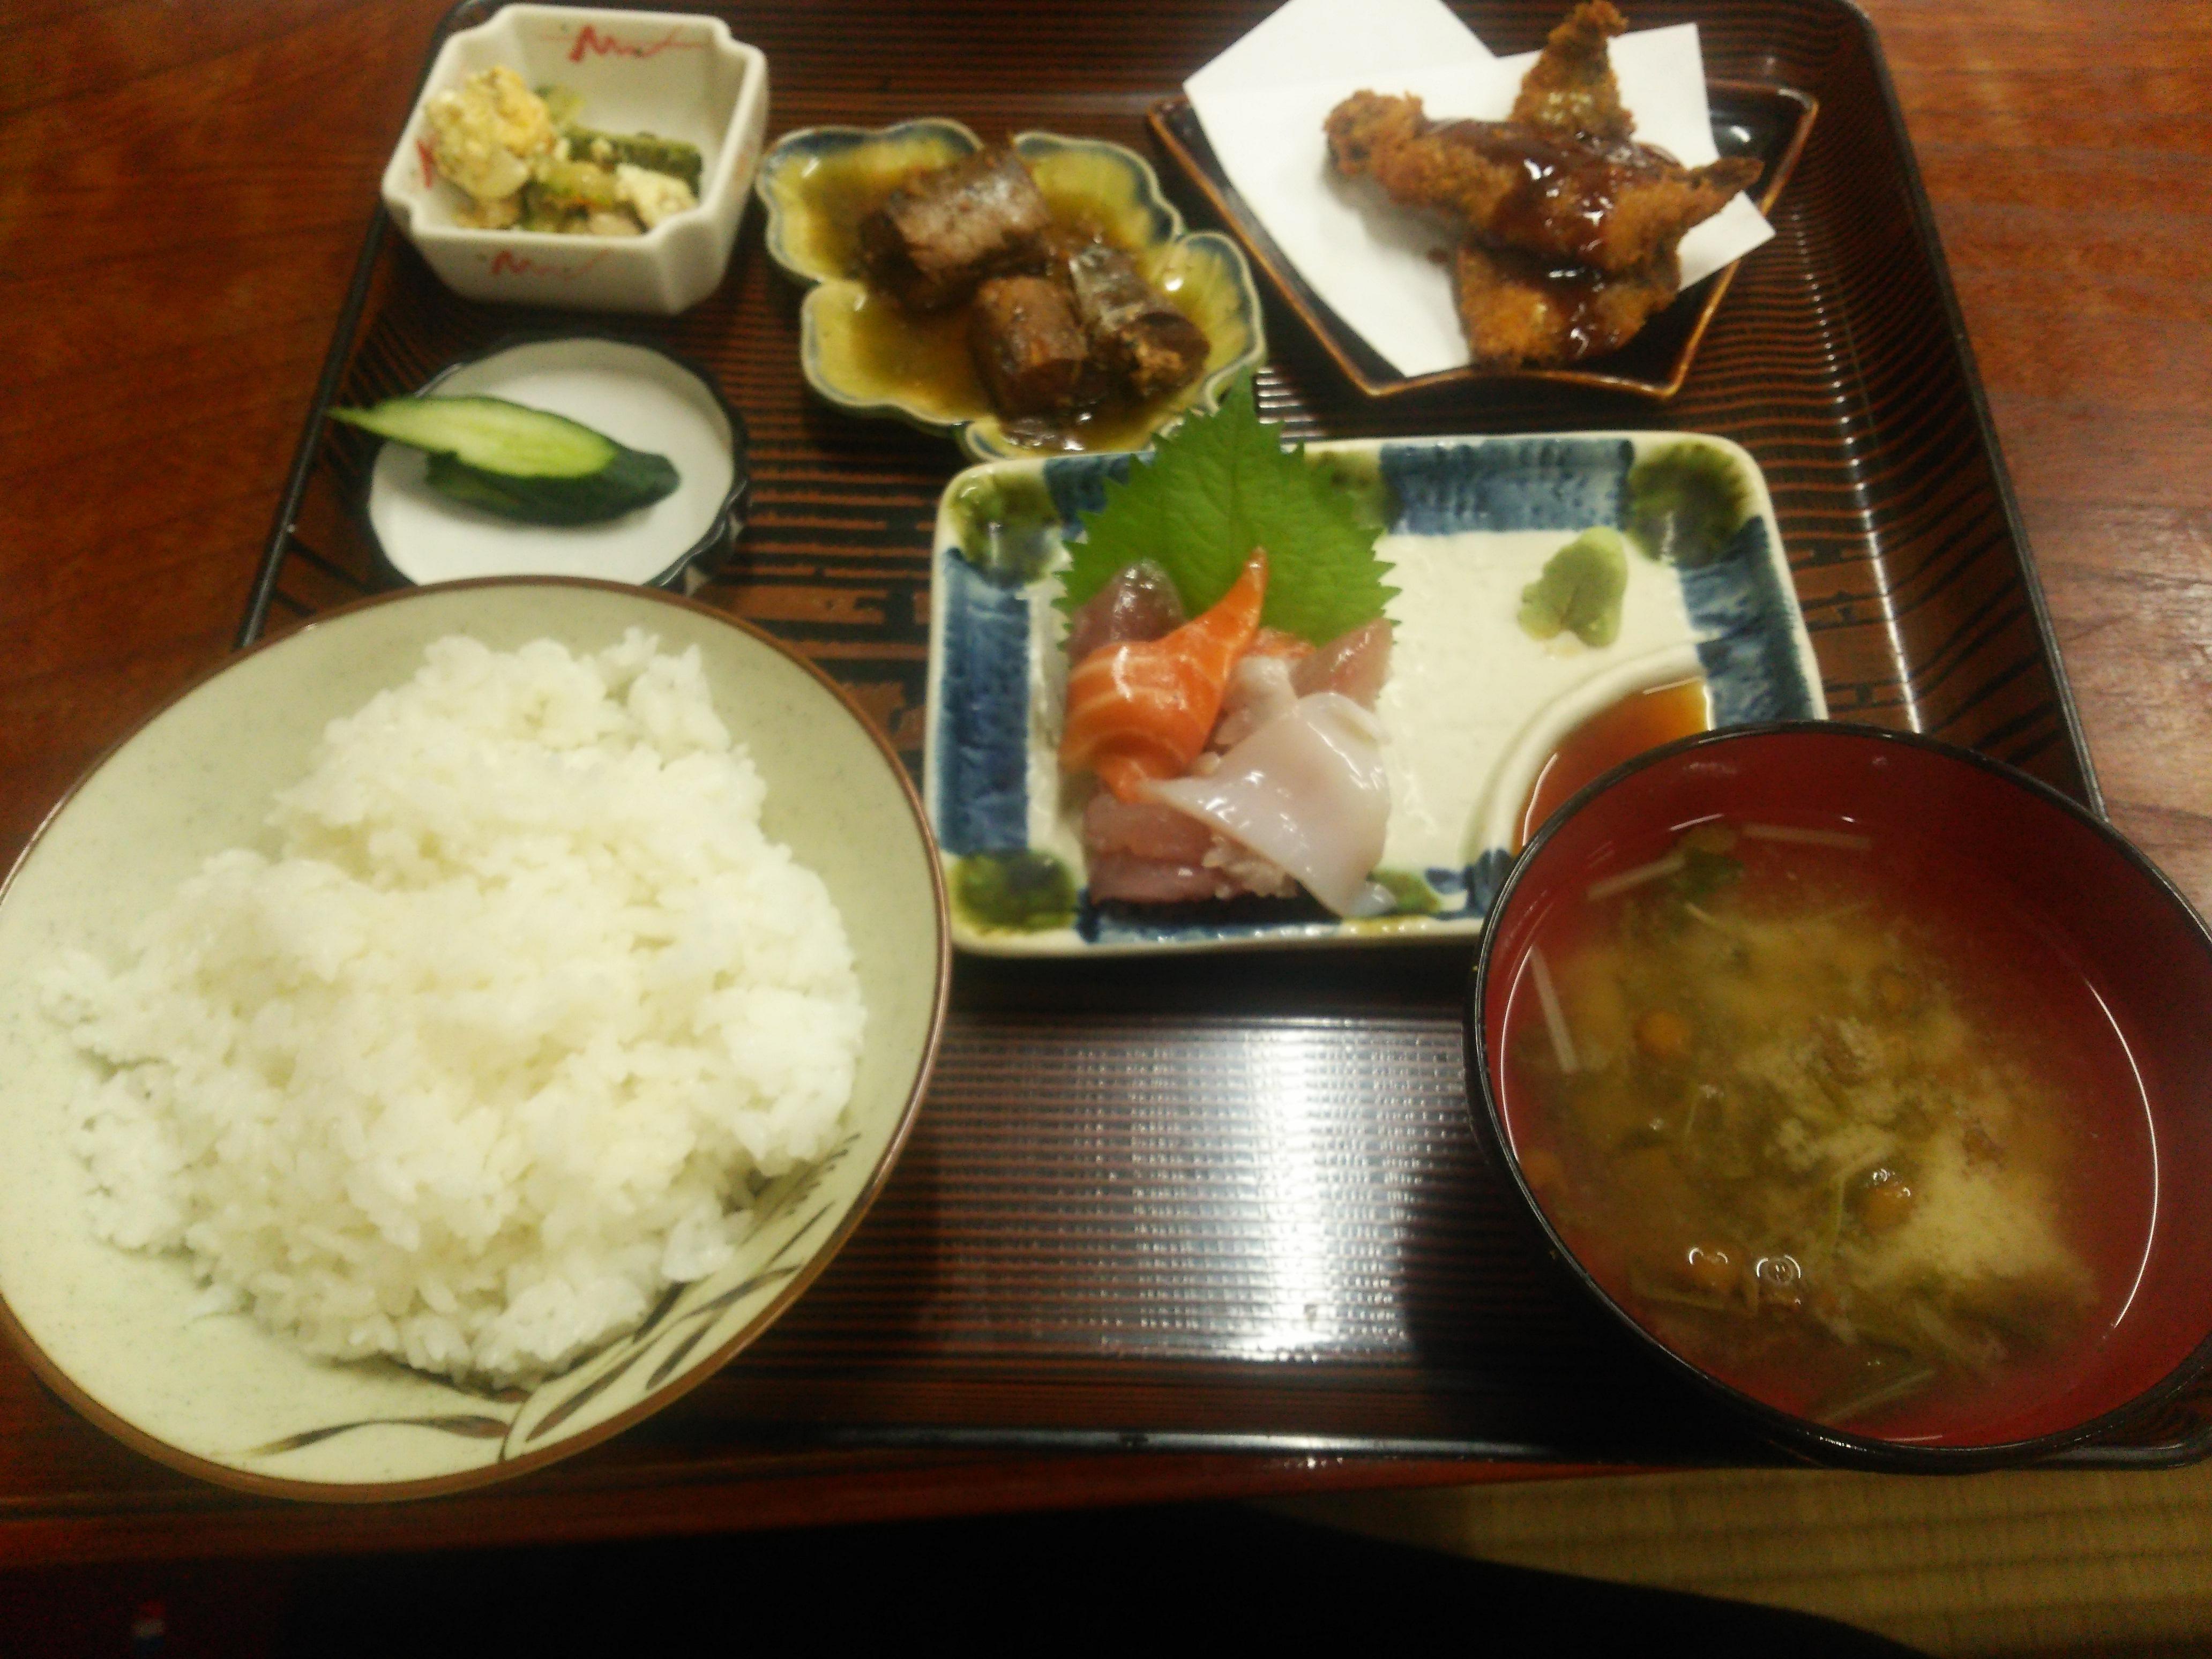 三沢市街パシャ写真『おがしょく!】